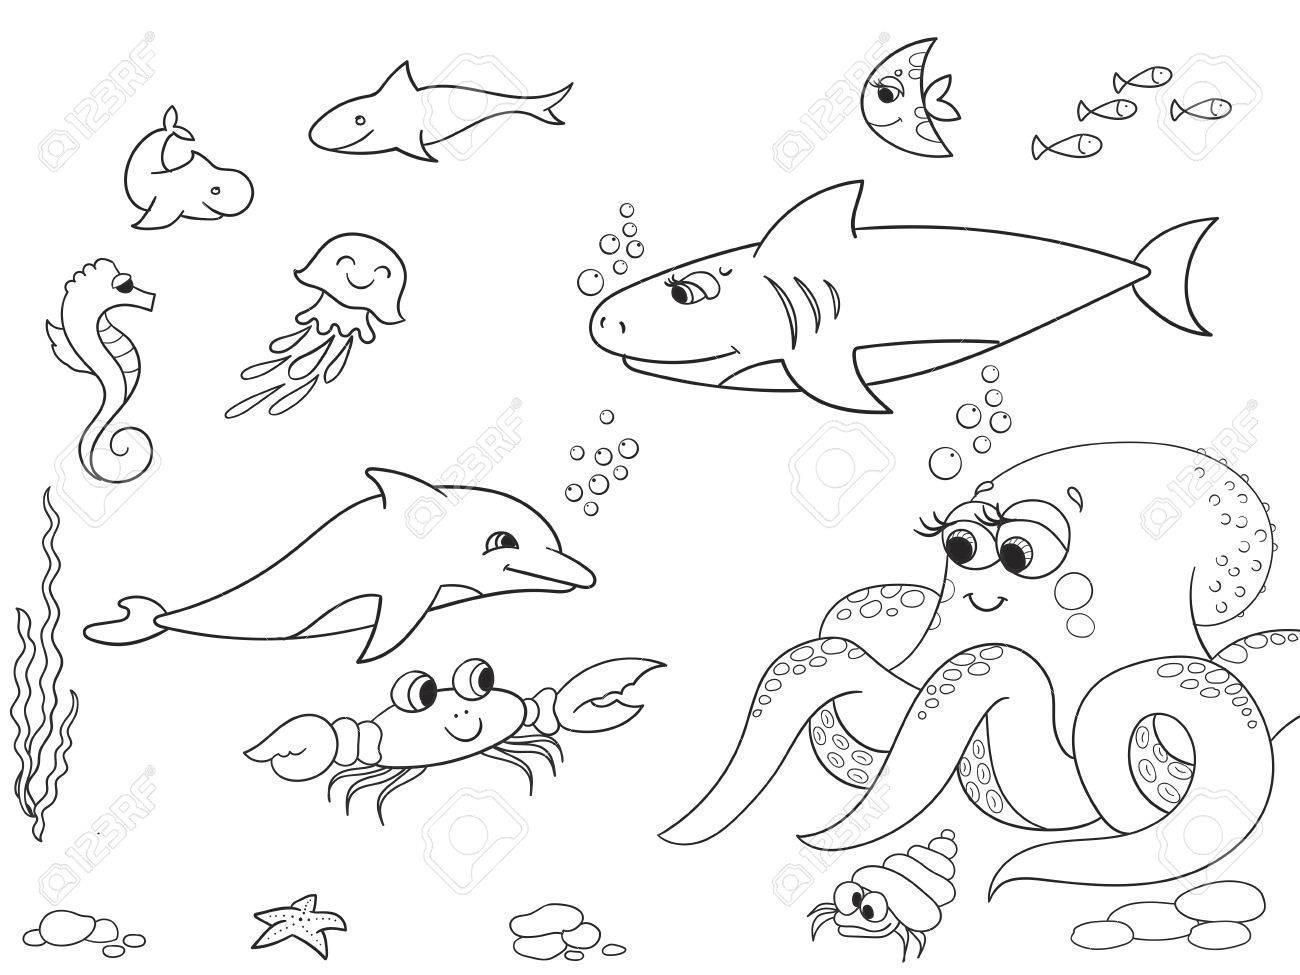 Meeresboden Mit Meerestieren Gegenstand. Vector Färbung Für Kinder ...